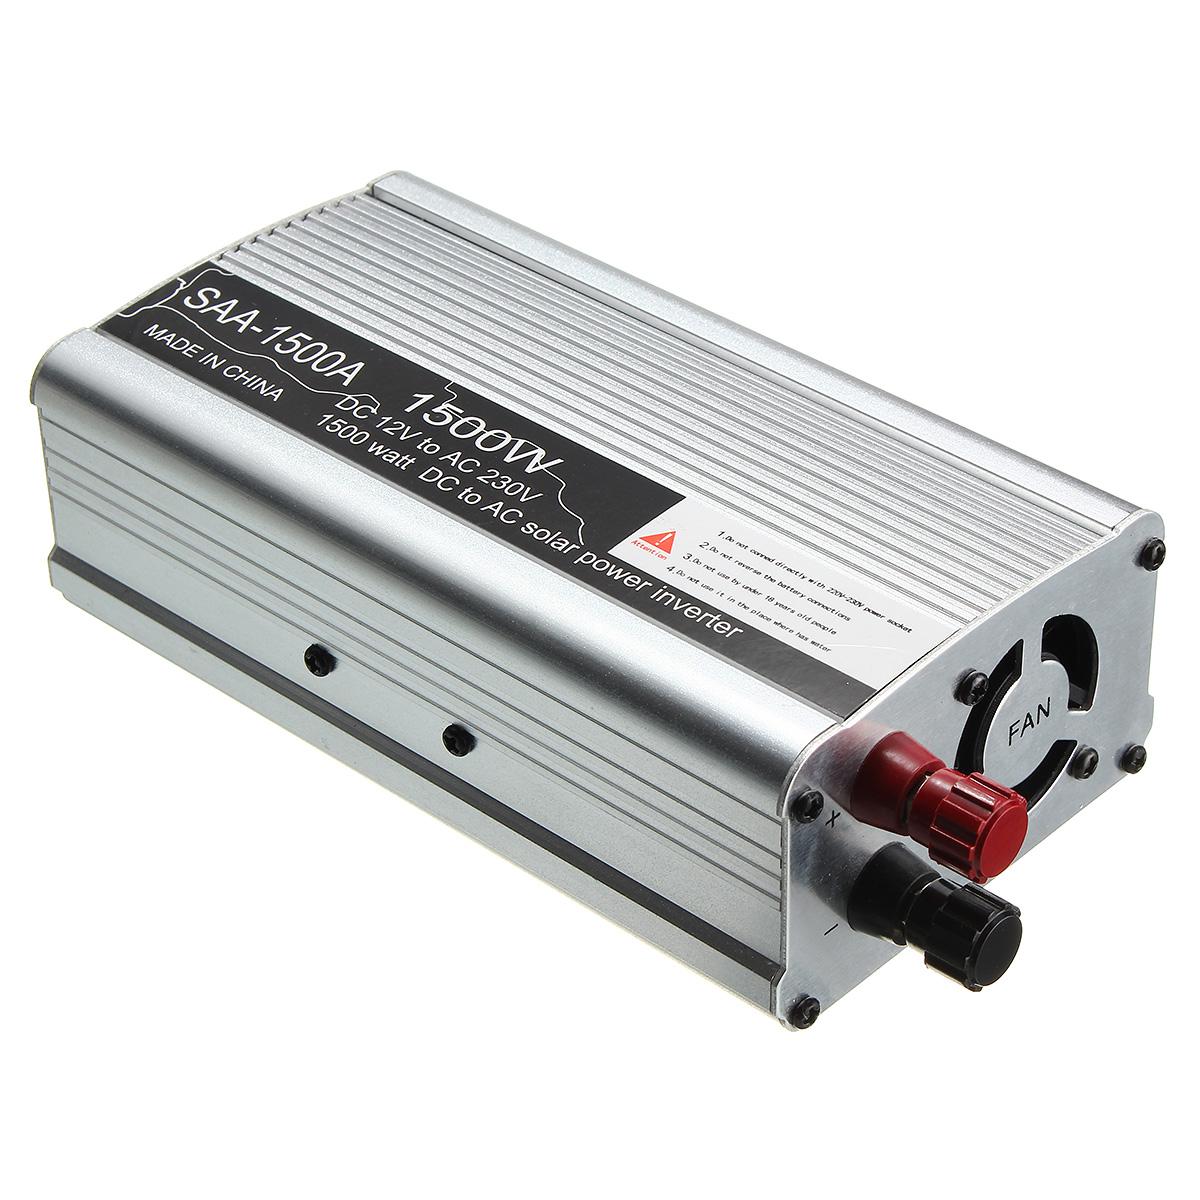 Solar Power Inverter 1500w 3000w Peak 12v Dc To 230v Ac Modified